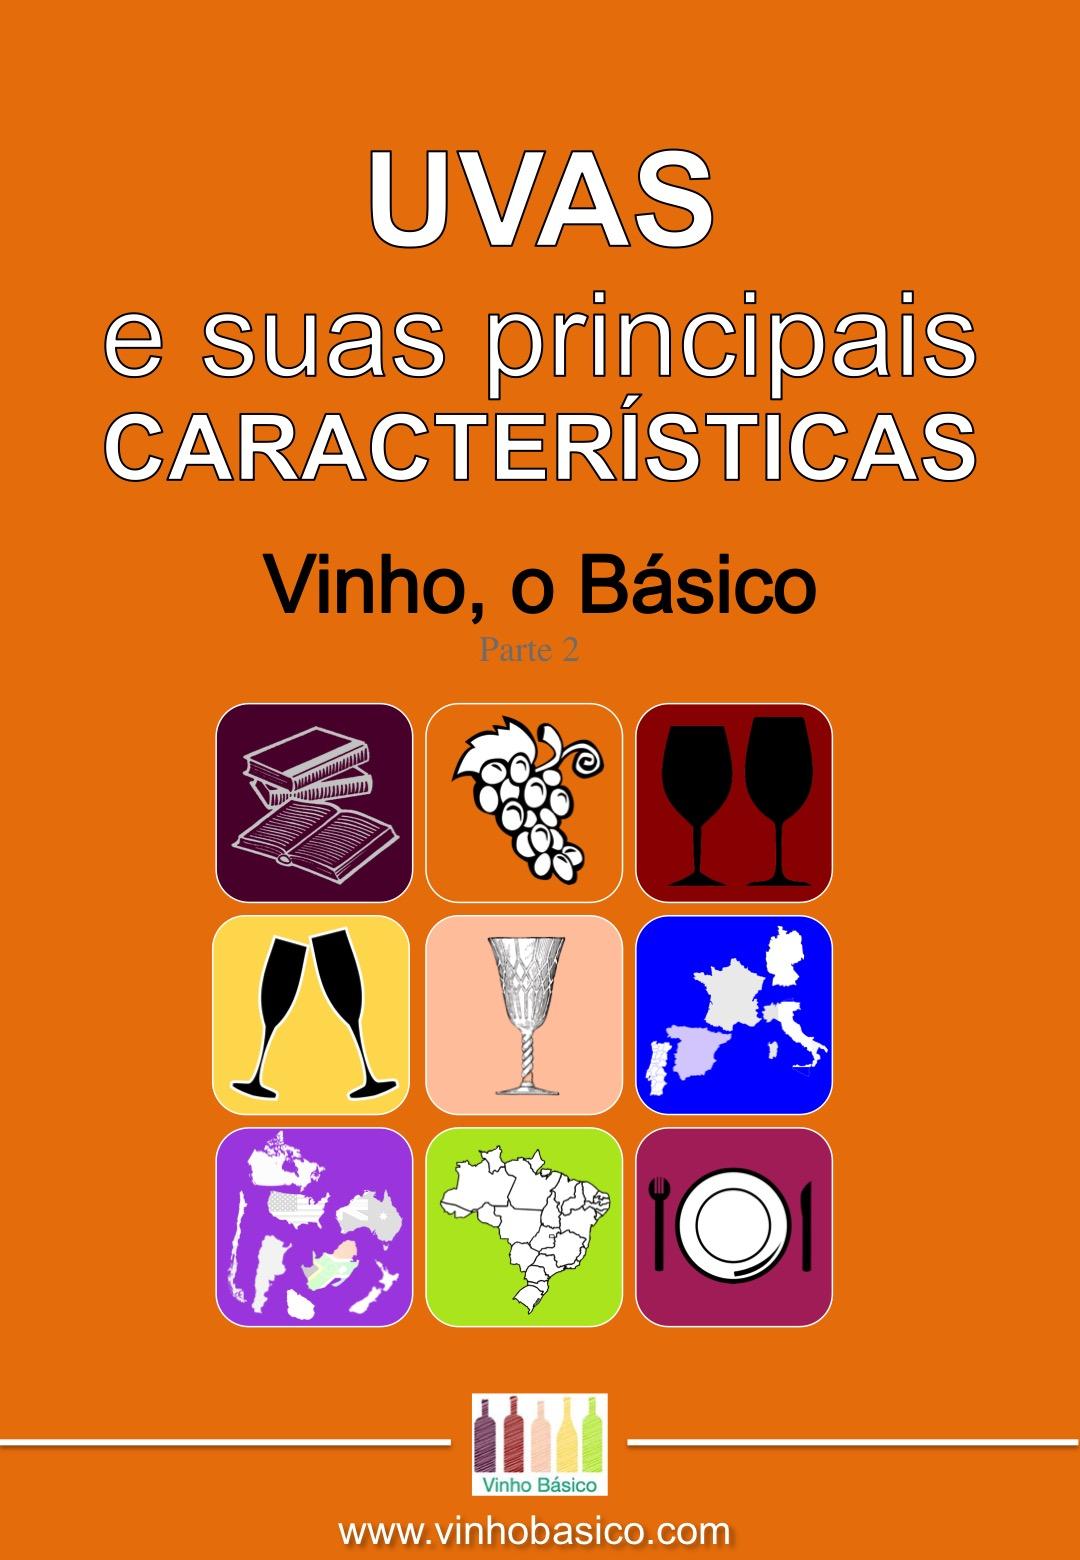 Capa Ebook Vinho o Basico 2 UVAS